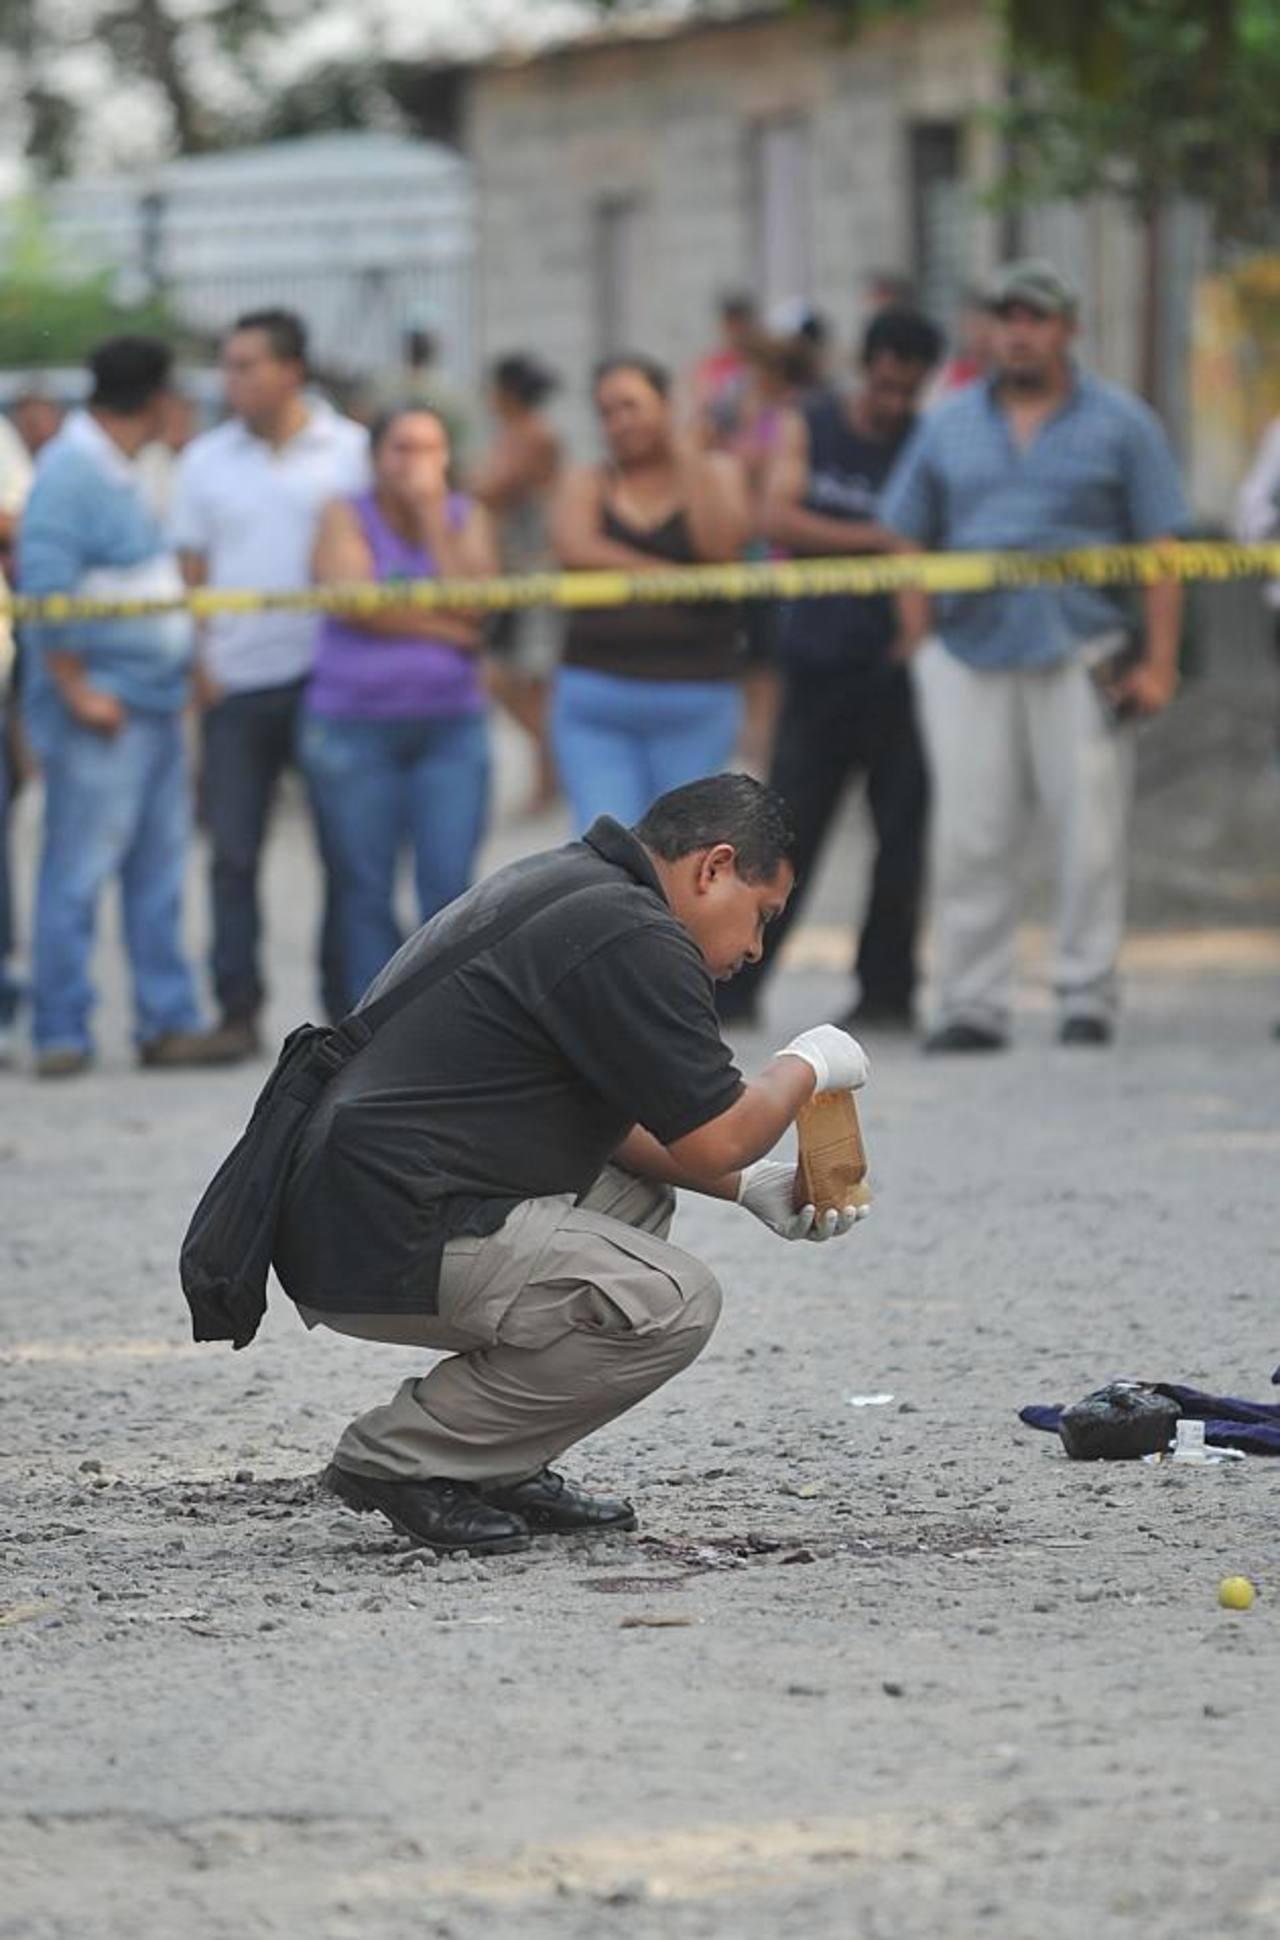 Investigador de la Policía levanta evidencias en el sitio donde ayer asesinaron a José Ismael Cornejo, en la calle principal de la colonia Las Flores, en Soyapango. Foto EDH / Óscar mira